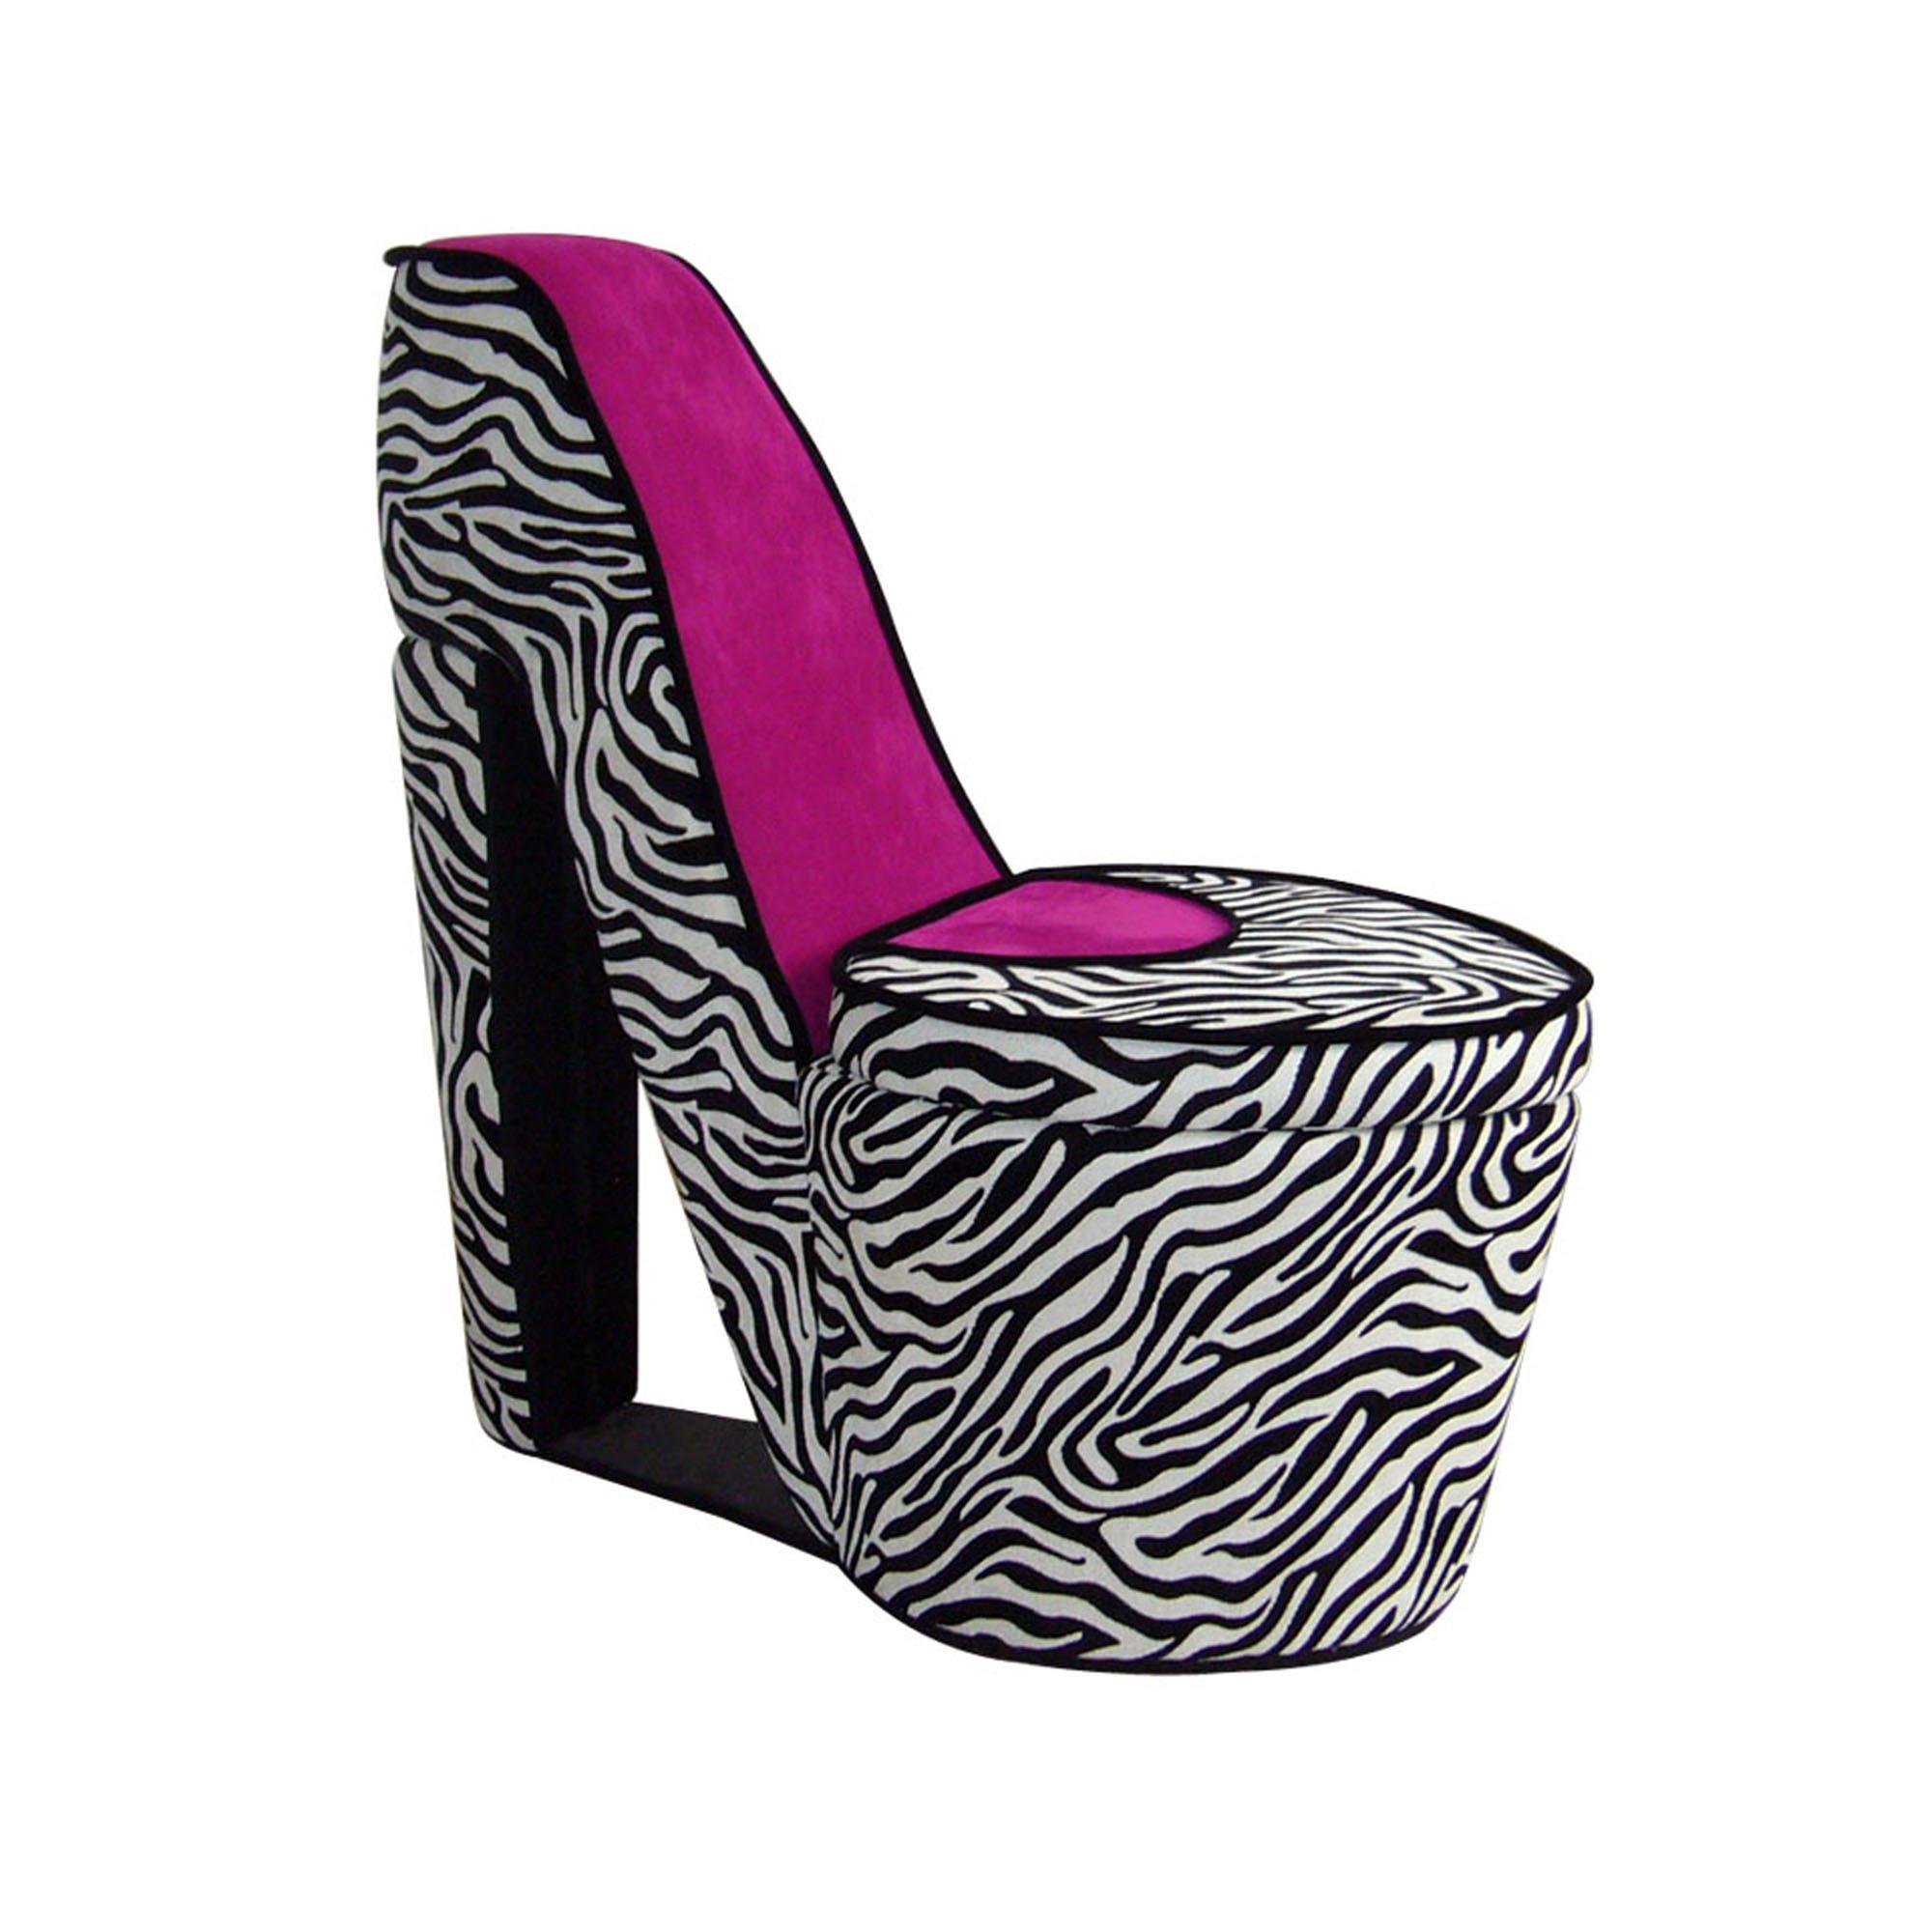 Bosun Chair Satyendra Pakhal 100 Eddie Bauer High Chair